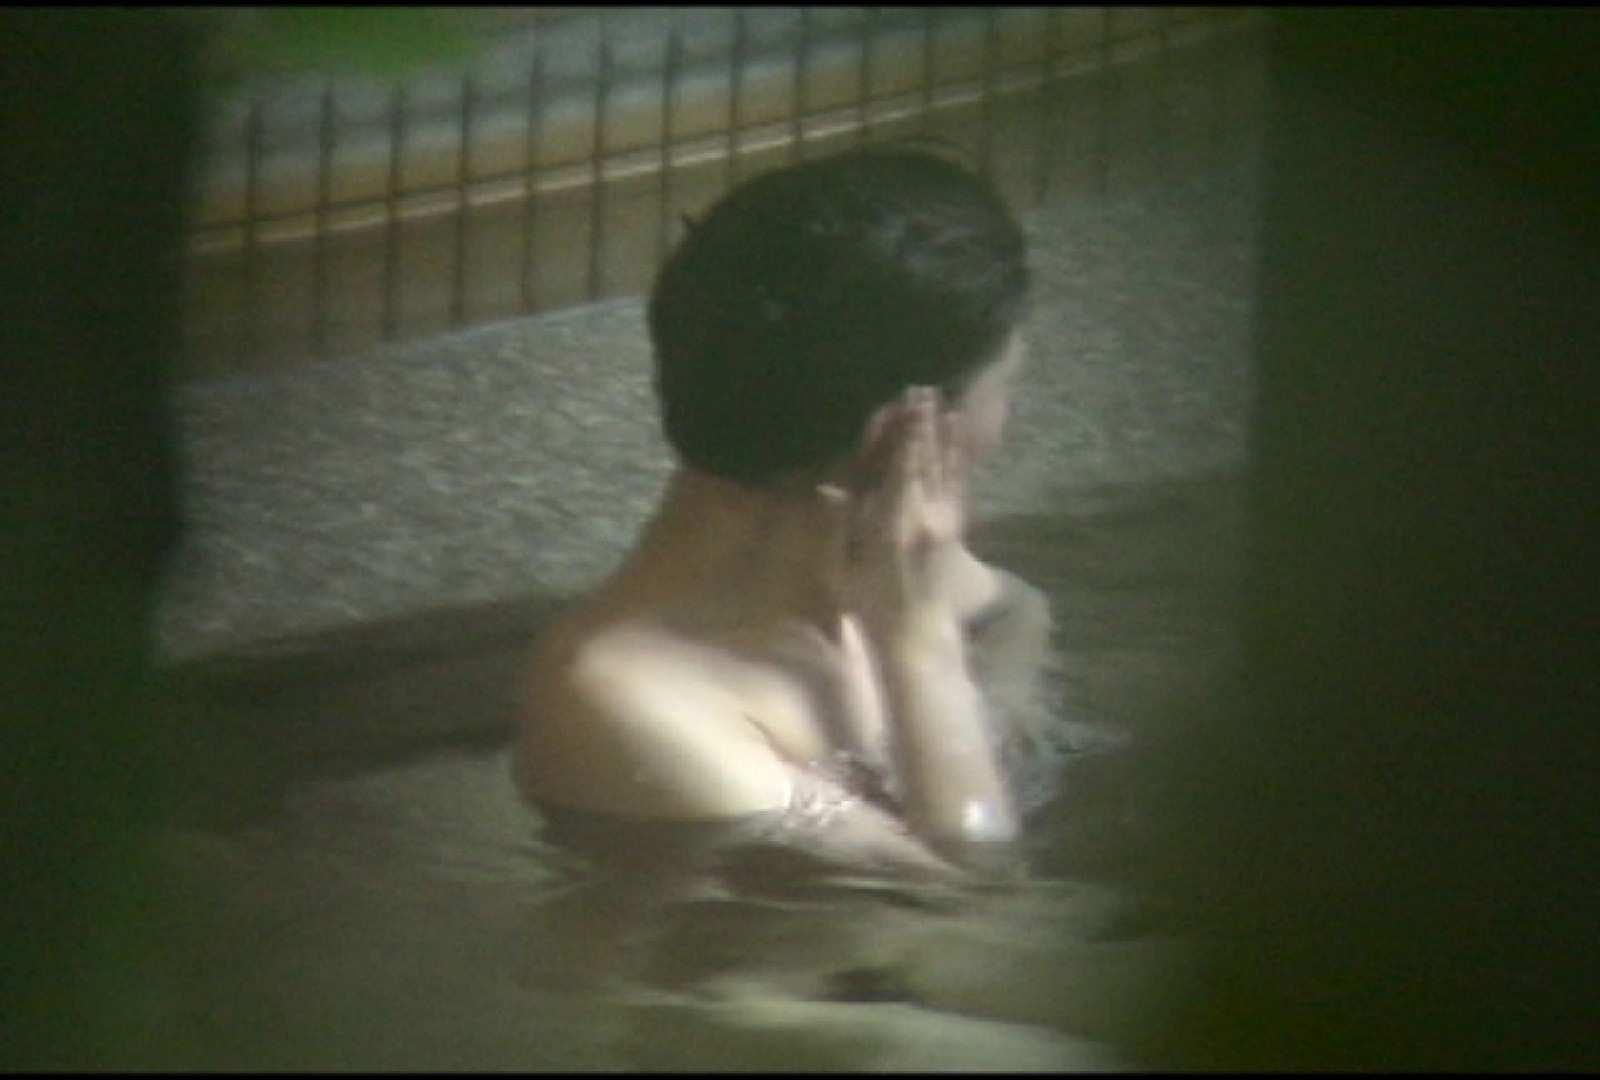 Aquaな露天風呂Vol.699 女体盗撮 | 露天  60連発 19